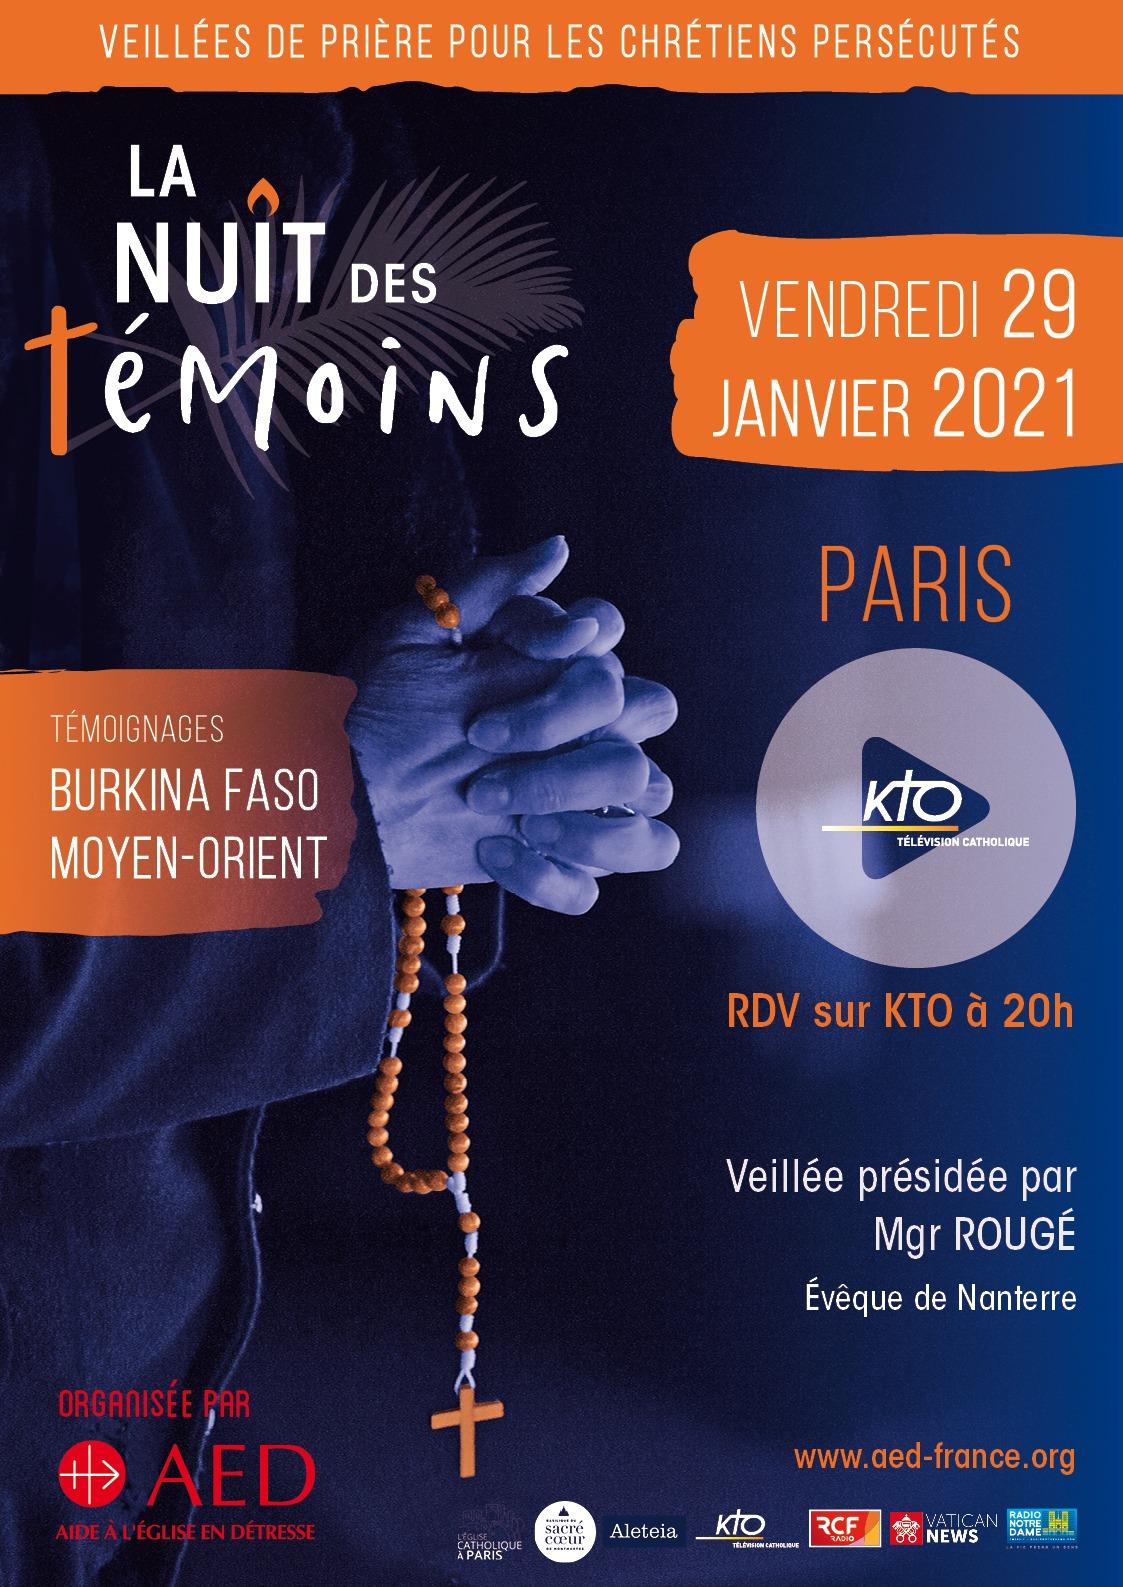 La nuit des témoins 2021 : vendredi 29 janvier 2021